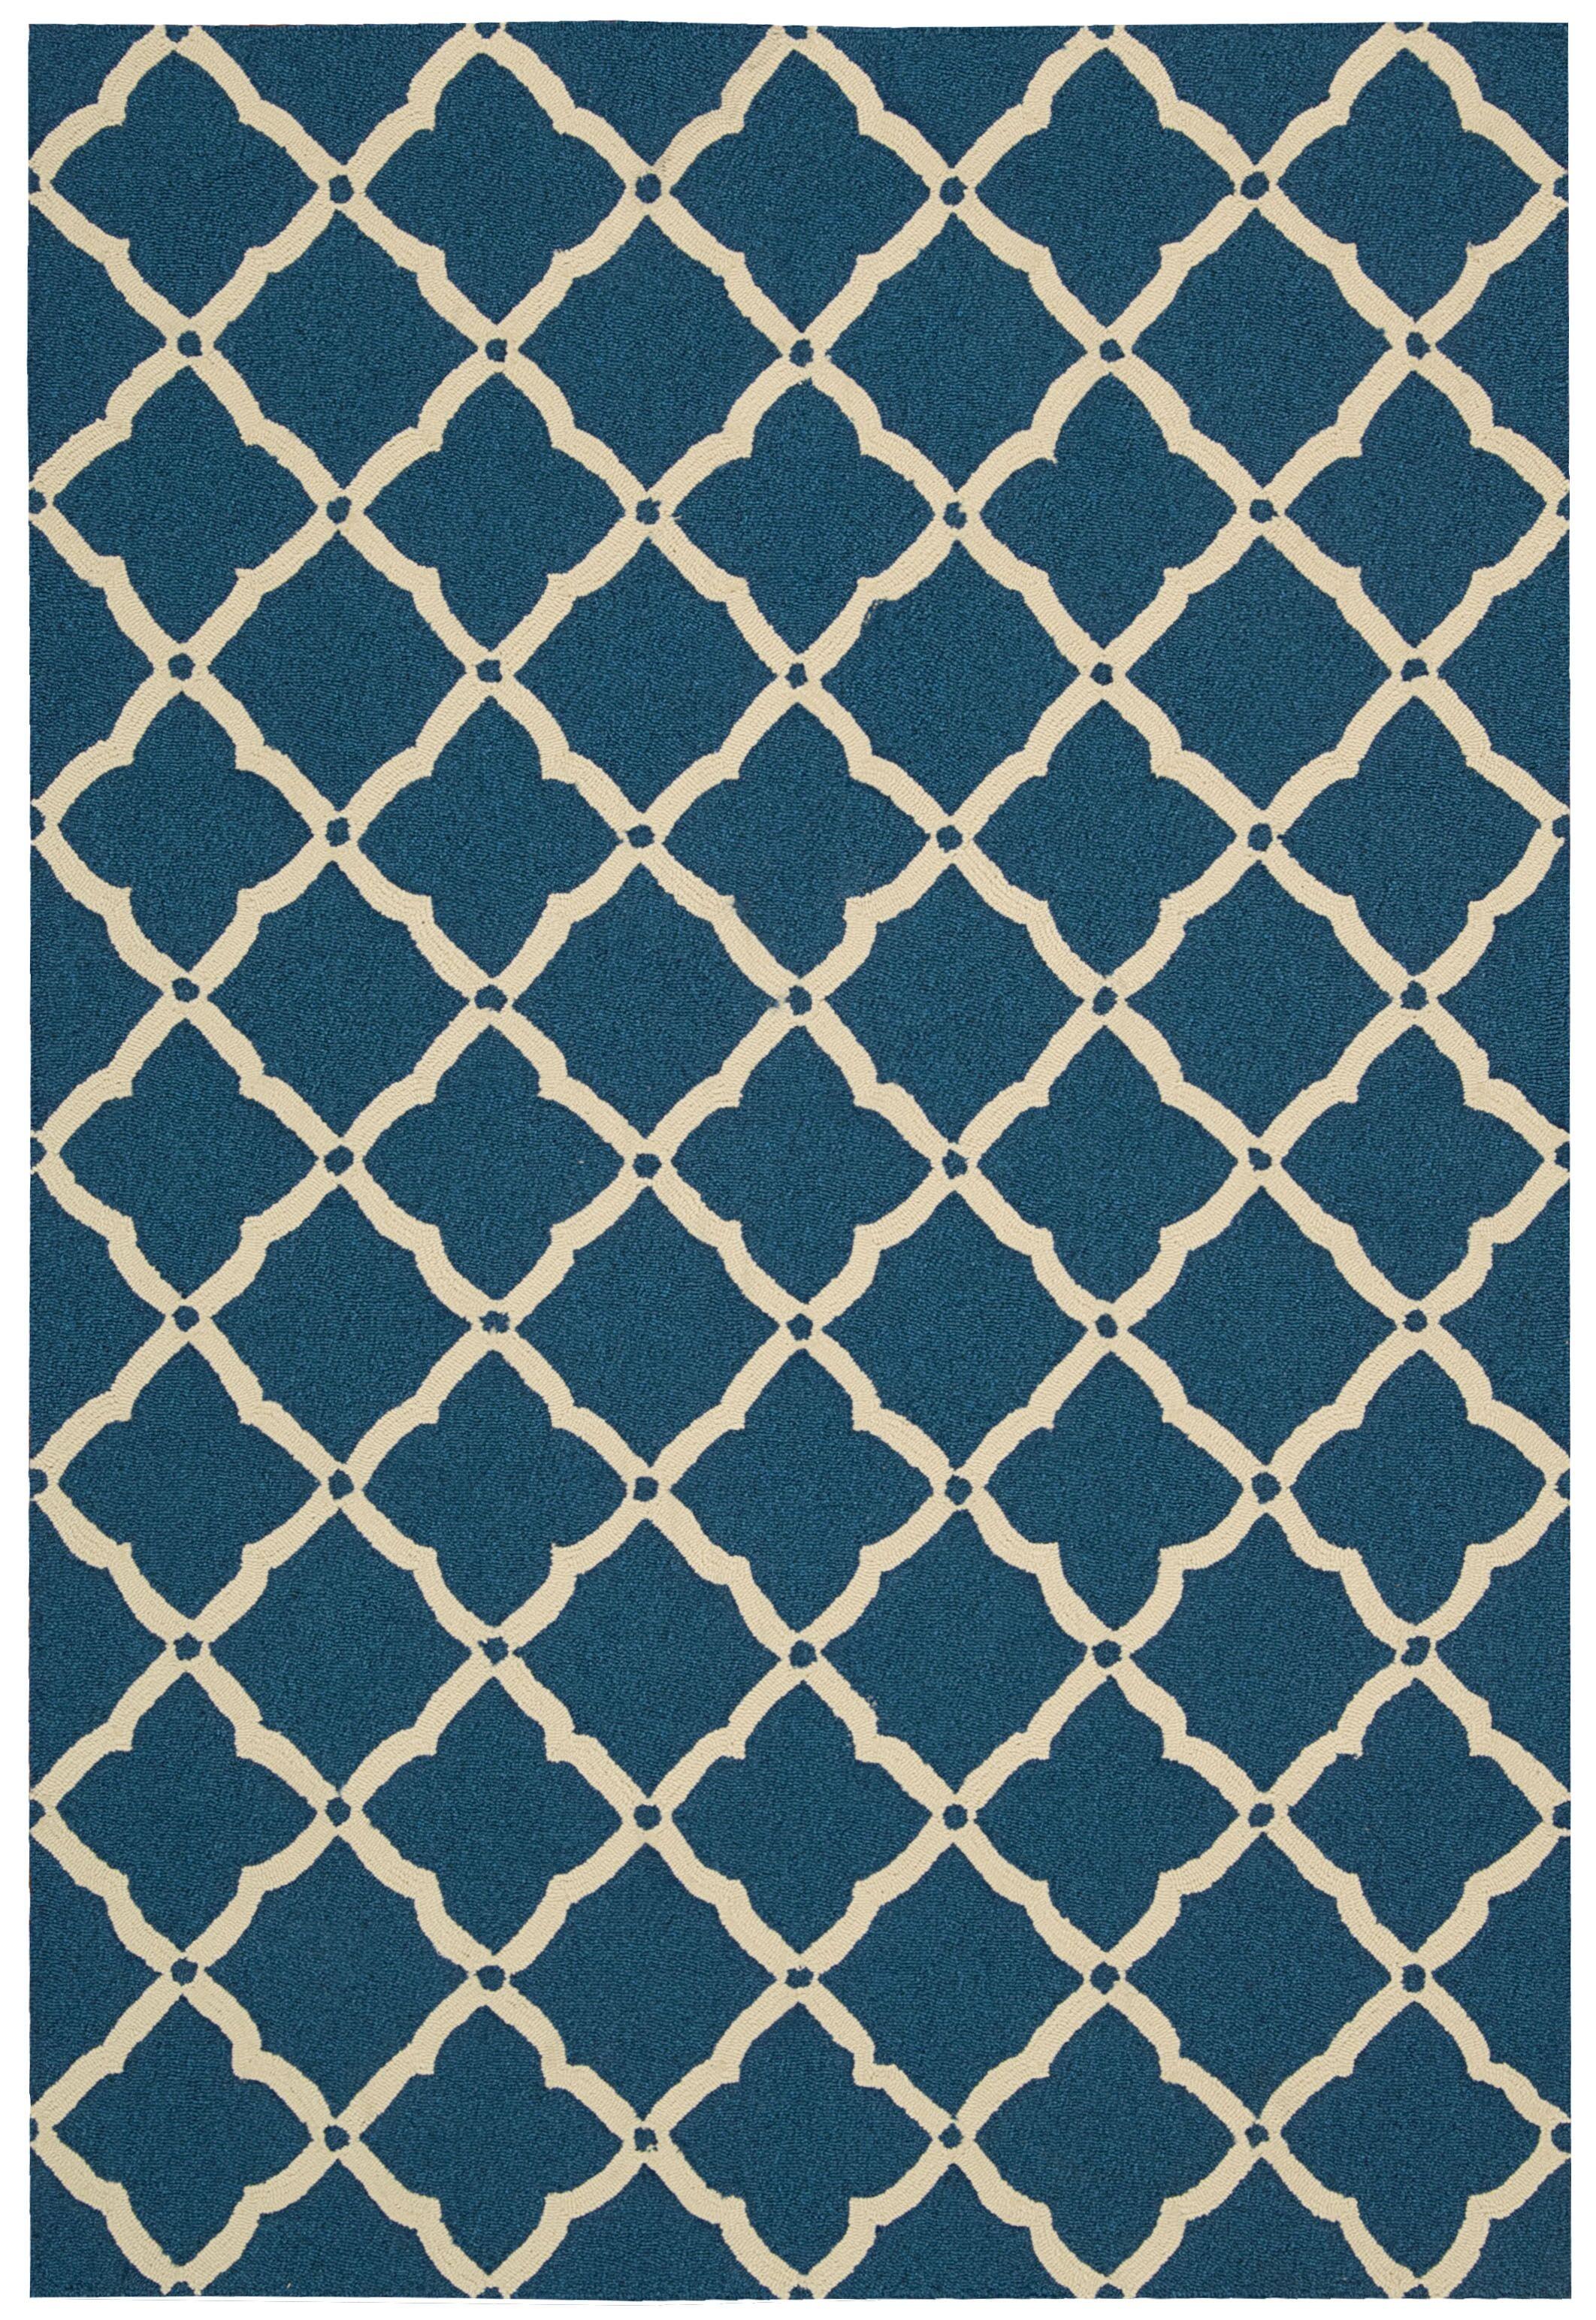 Merganser Hand-Tufted Navy/Beige Indoor/Outdoor Area Rug Rug Size: Rectangle 3'6